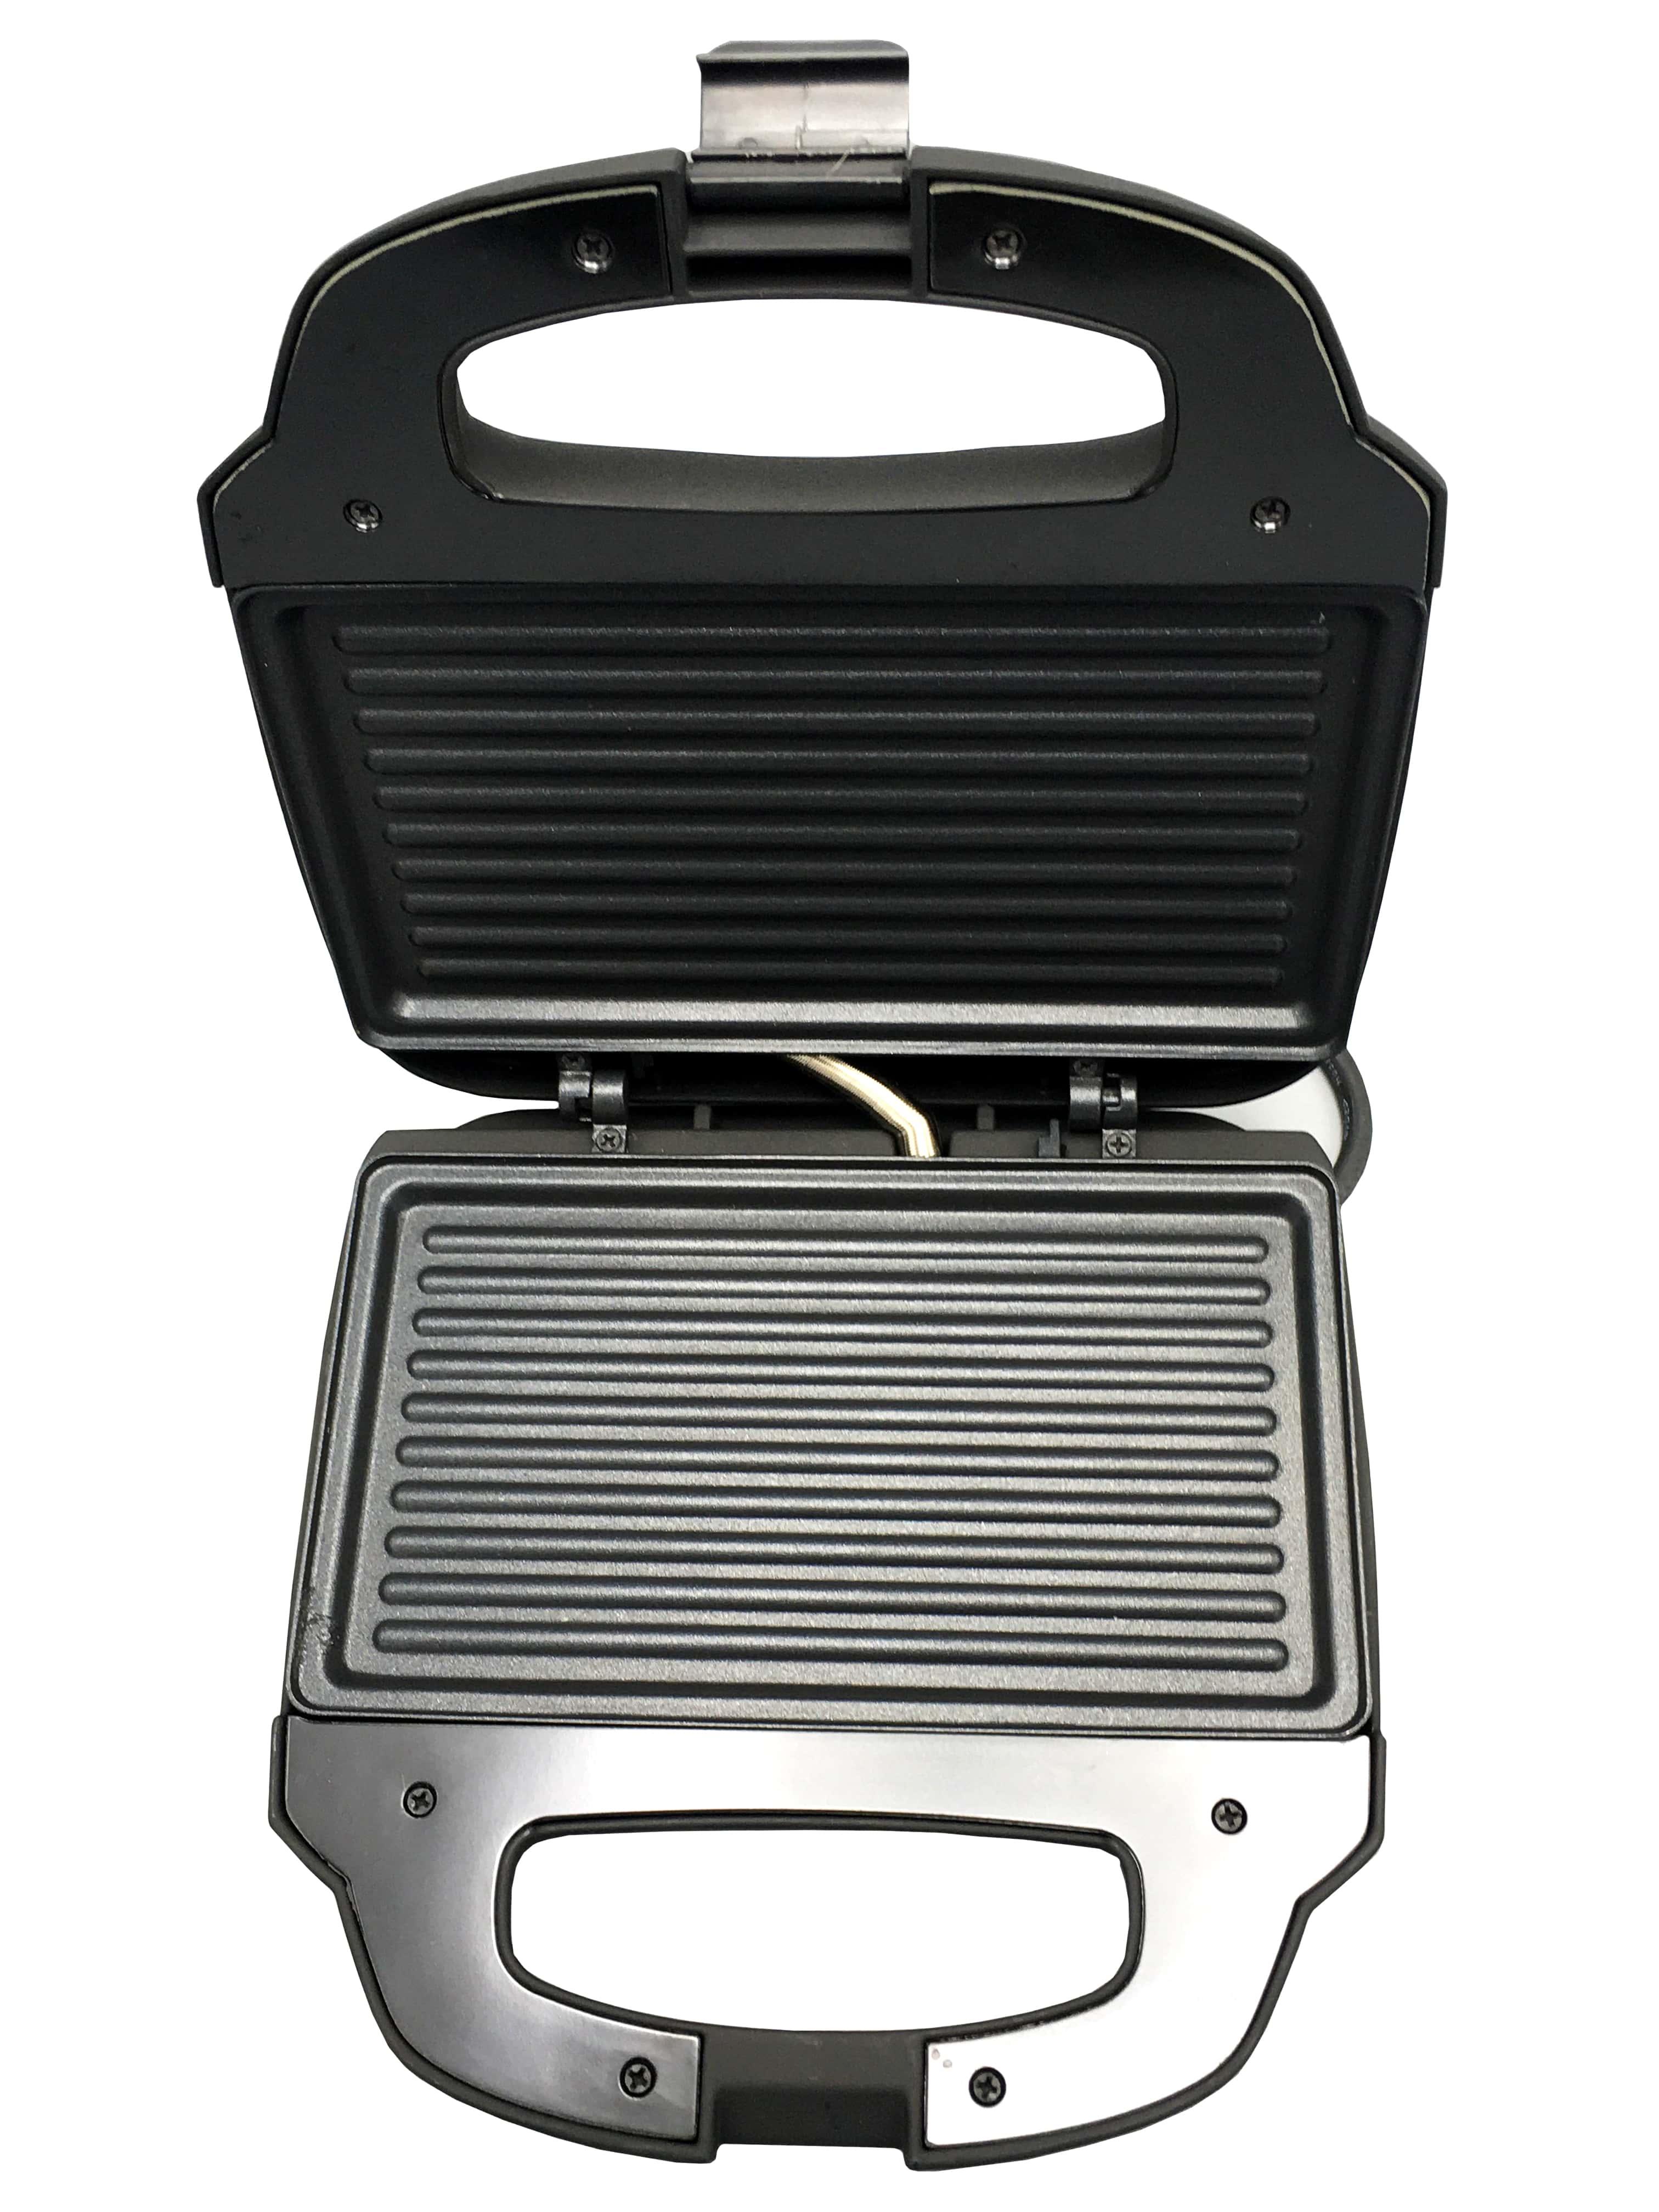 VON Hotpoint Sandwich Maker 2 Slice 680-800w Tanzania (Black, VSSP2GMCX)